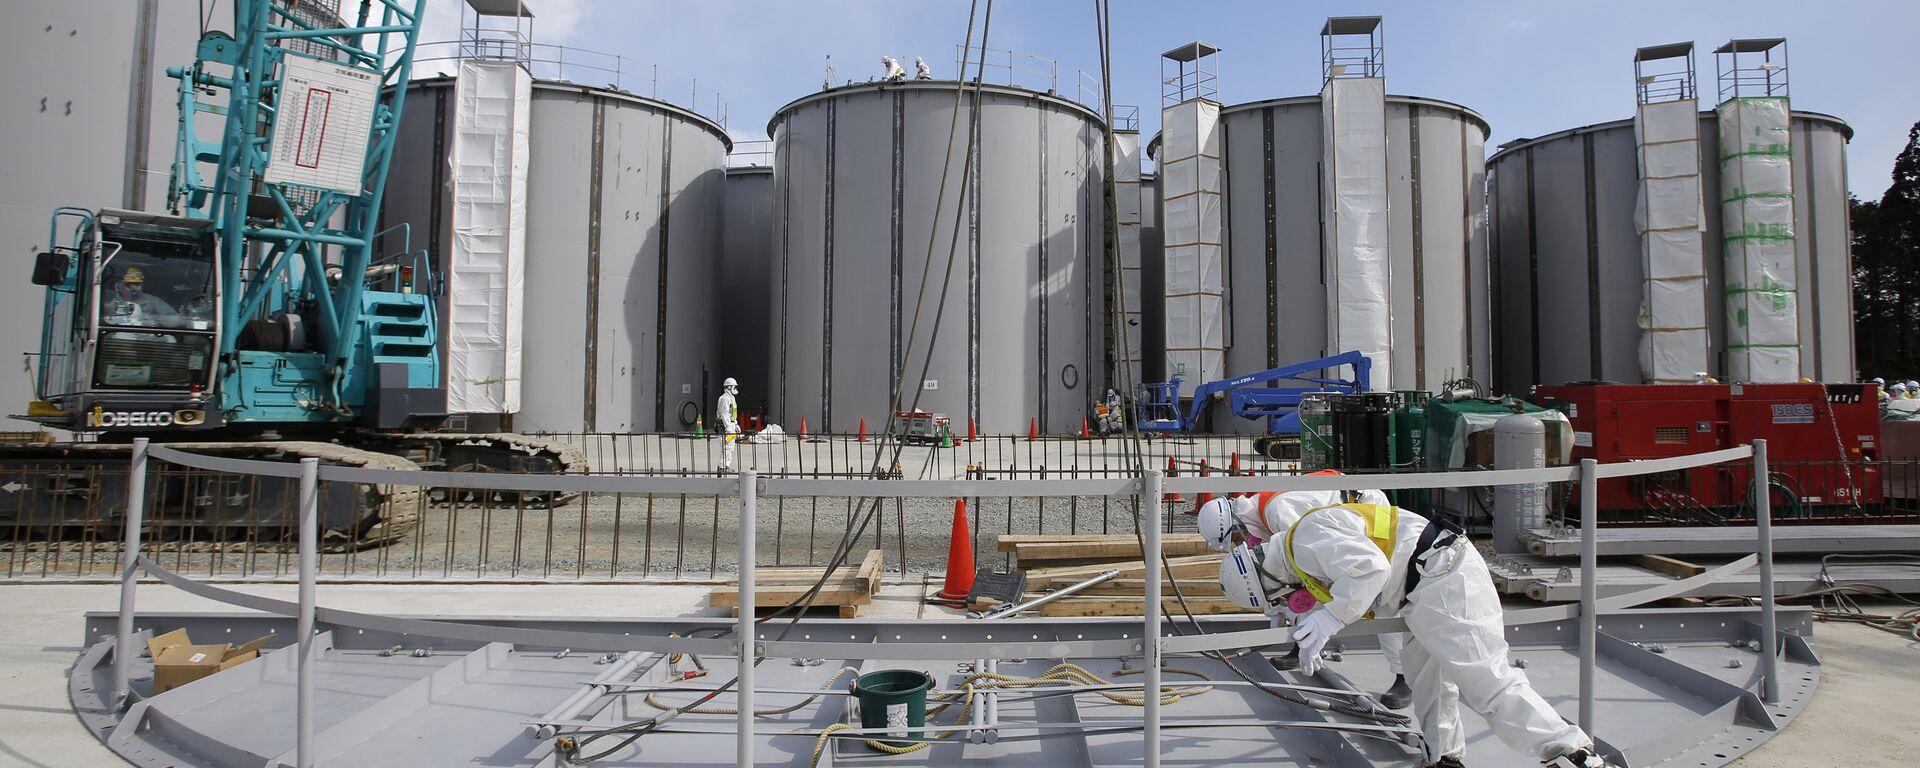 Nhà máy điện hạt nhân Nhật Bản Fukushima-1. - Sputnik Việt Nam, 1920, 03.09.2020